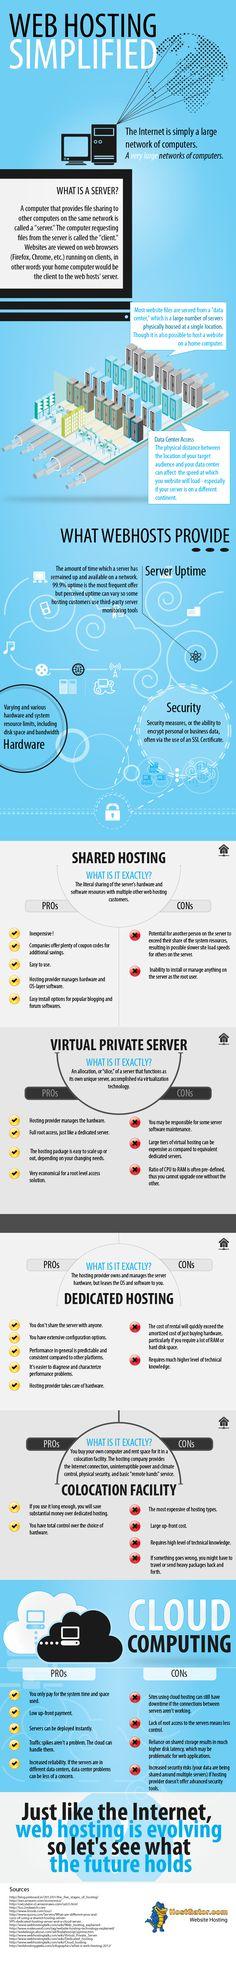 WebHosting_Explained  #hosting #webhosting